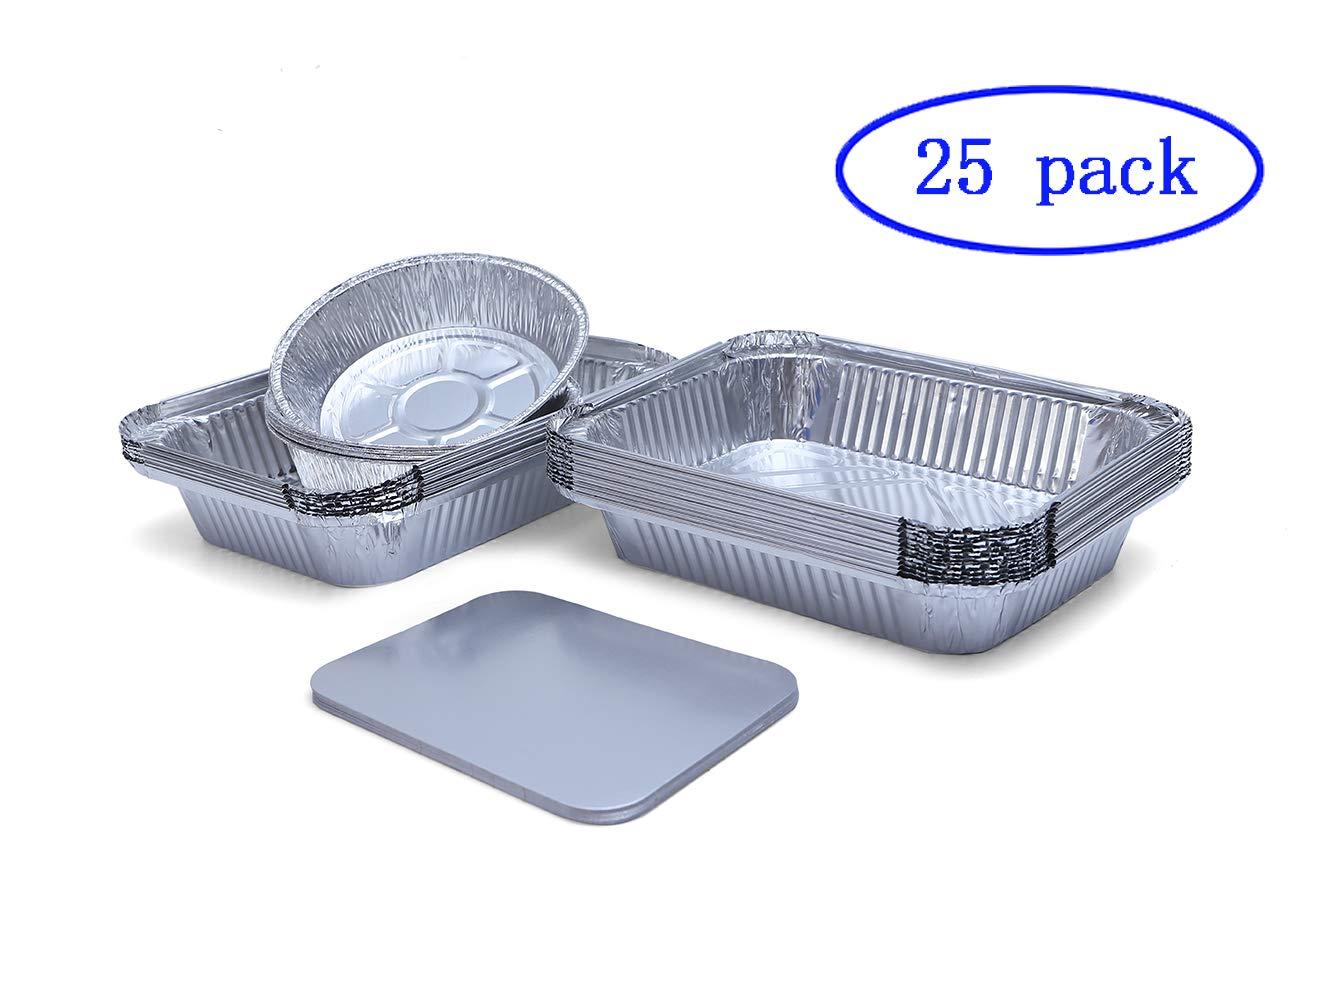 Helet jetables en Feuille d'aluminium Plateaux conteneurs pour la Cuisson à rôtir récipient de Cuisson Préparation & More Gastronorm Demi Taille Poêle